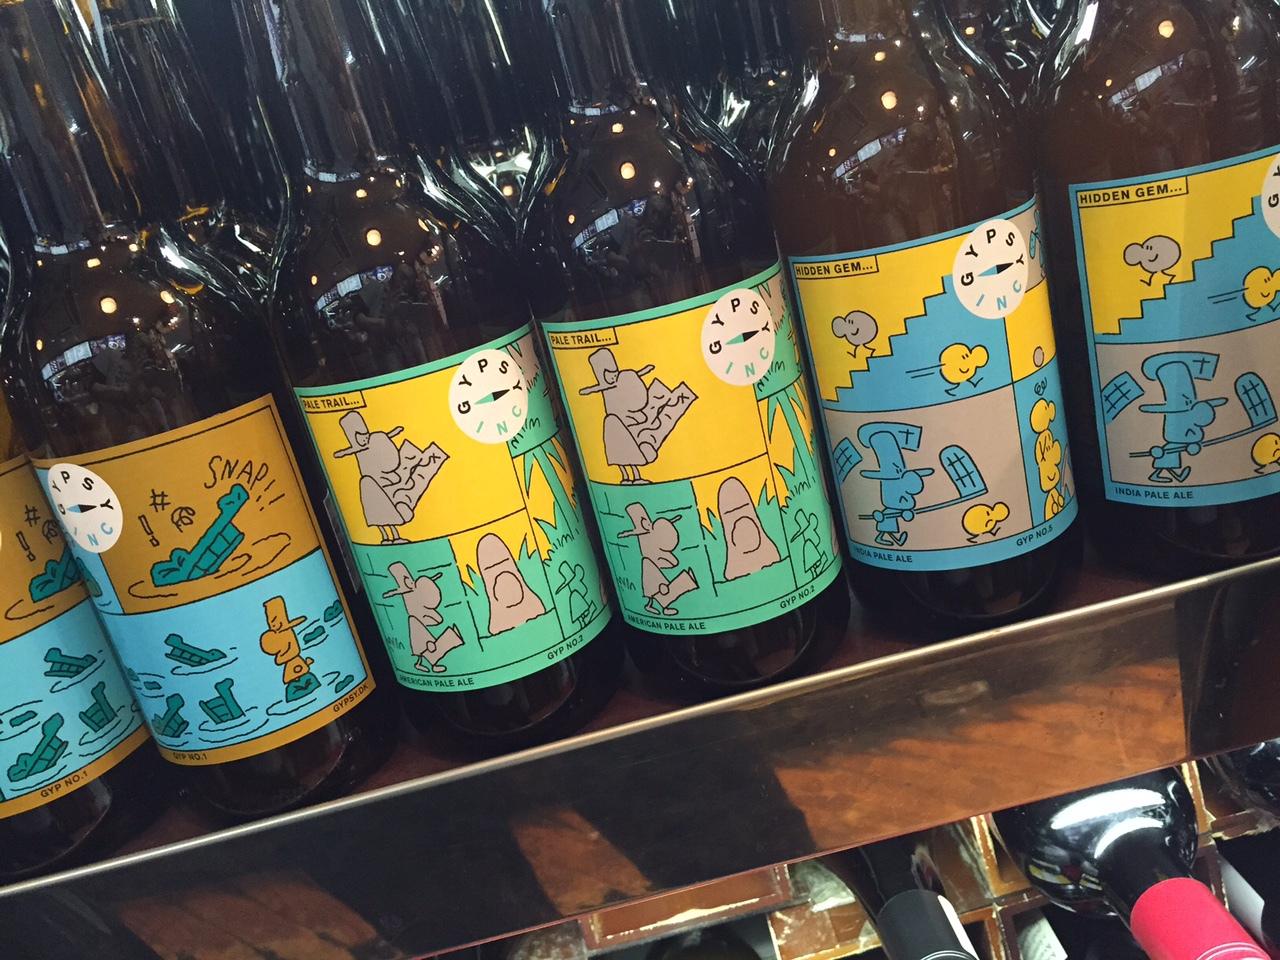 【NEW!】ミッケラーからボトルビア3種登場!ベルギーで造られたジャンルにとらわれないバランスと飲みやすさを追求する新しいビールが誕生♪新世界へ♪_c0069047_16454642.jpg